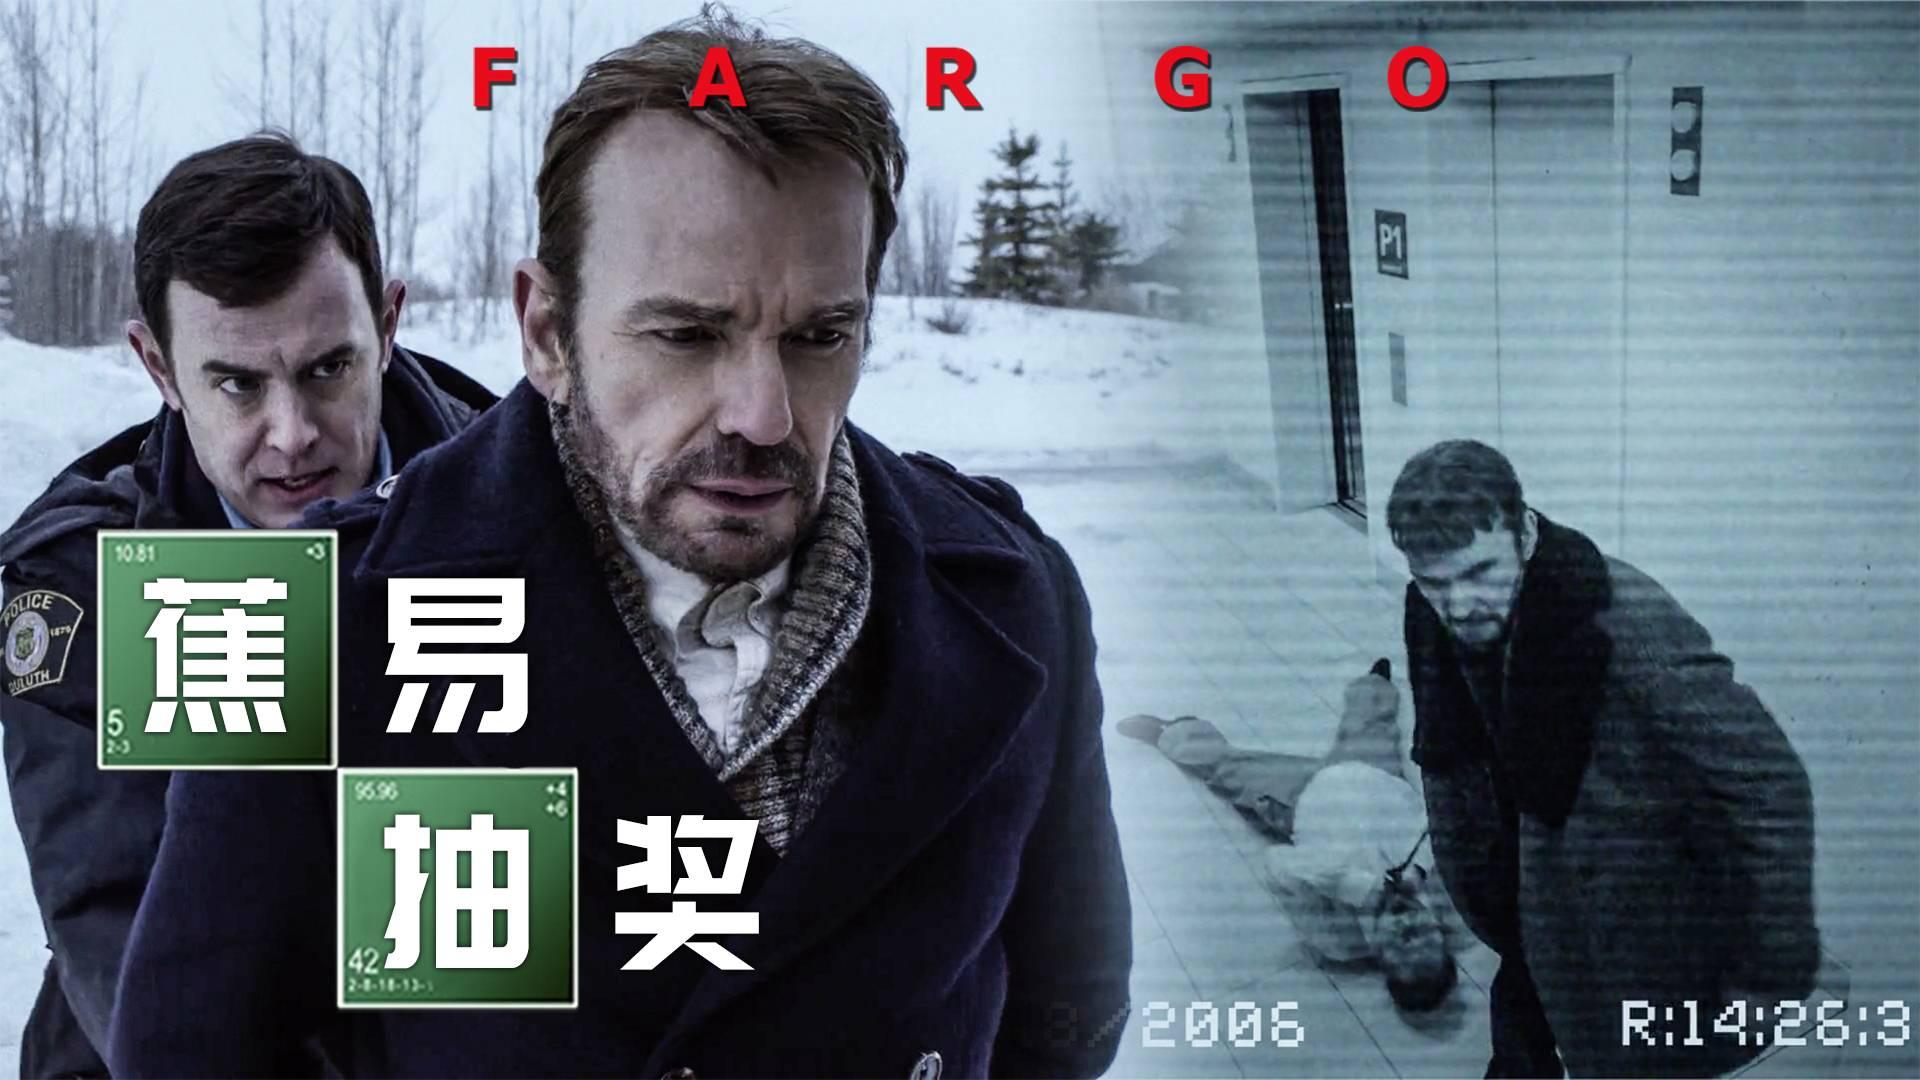 """【墨菲】《冰血暴》第3期:别放走他!玩弄人性的恶魔——杀手""""弗兰克""""被捕"""